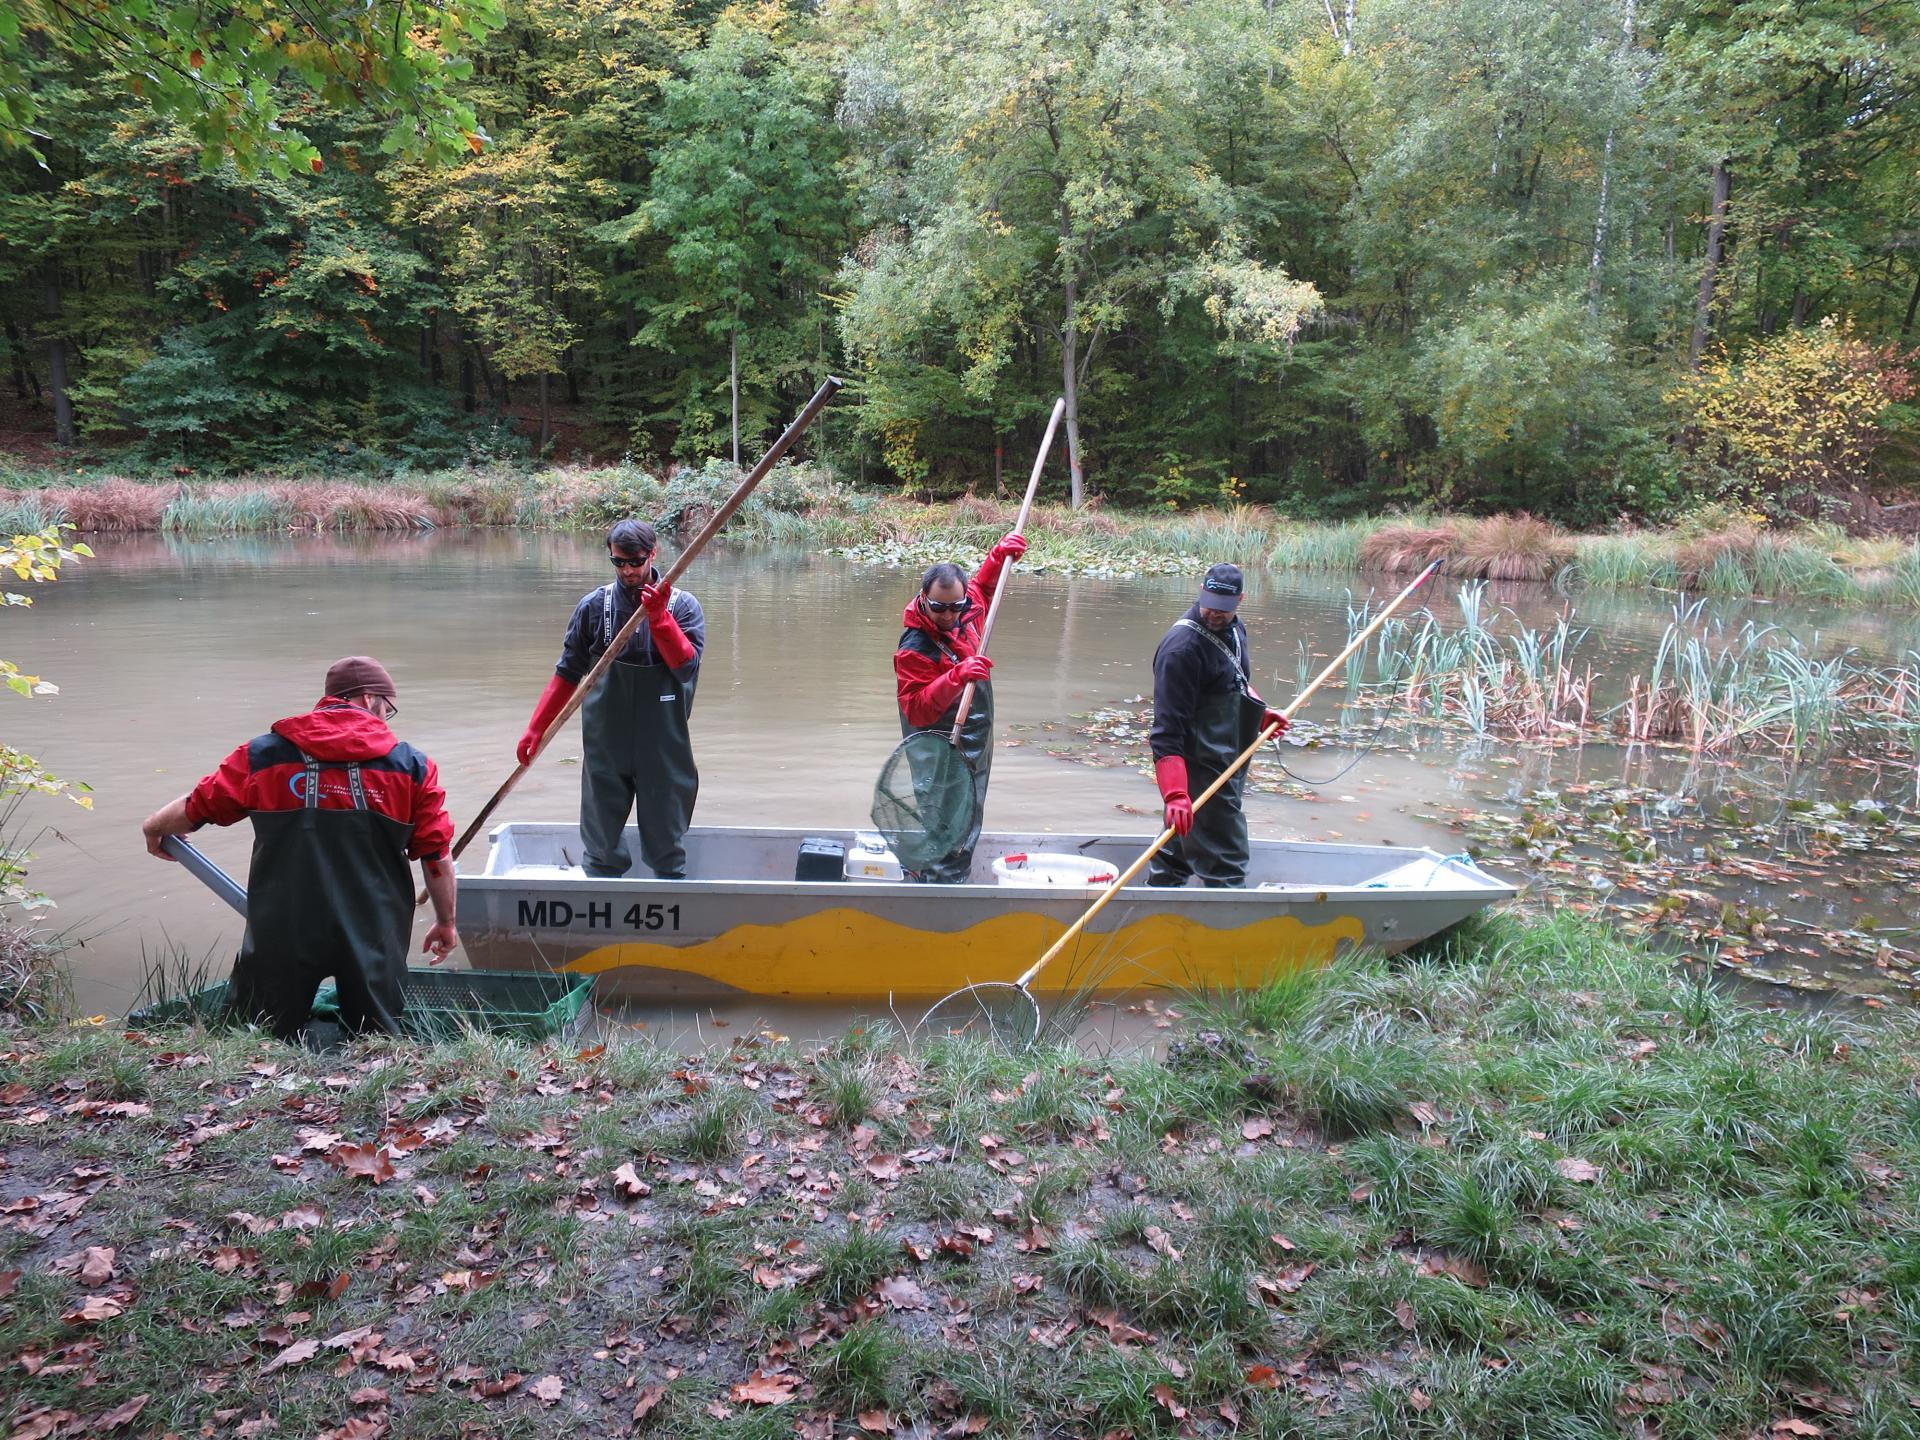 Elektro-Befischung an einem Kleingewässer bei Ettersburg